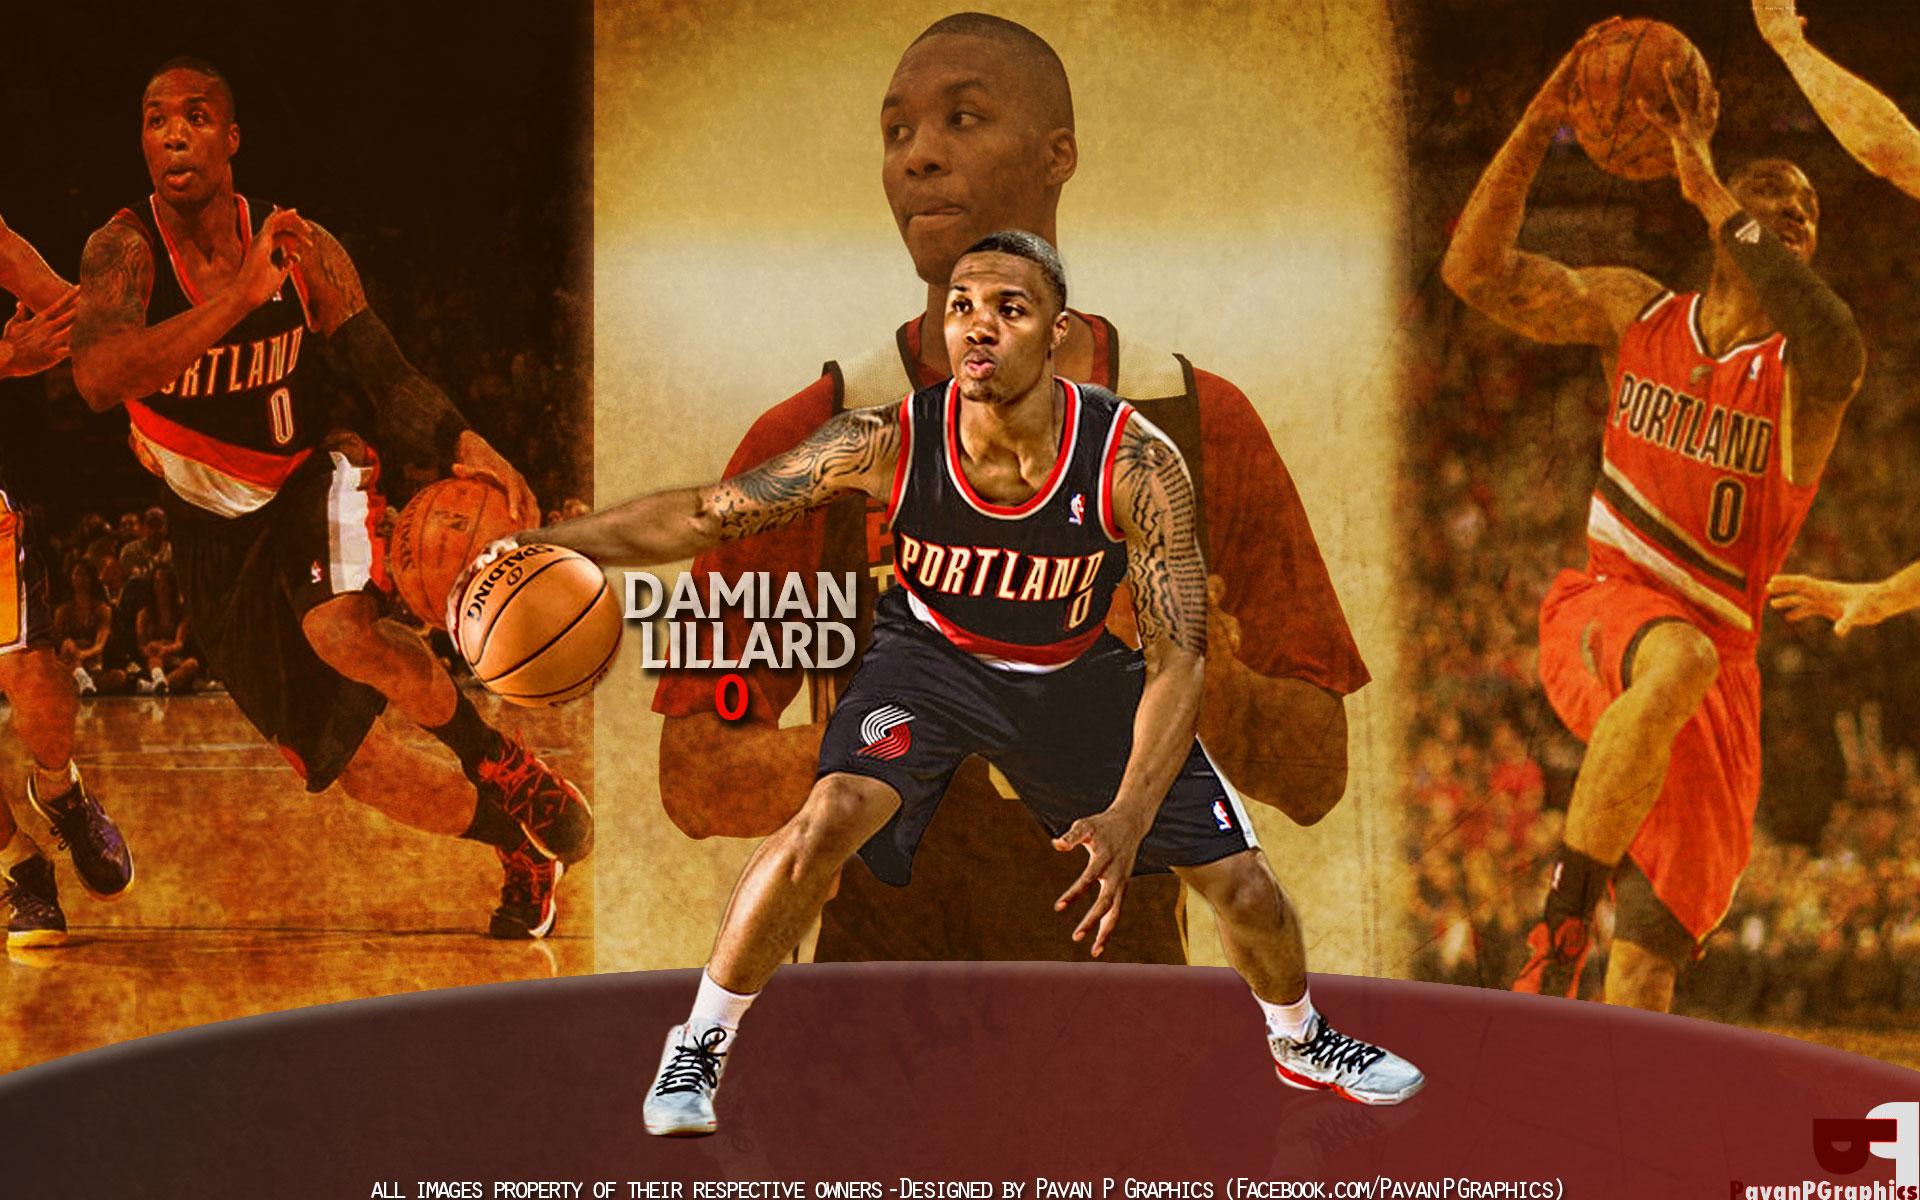 Damian Lillard Wallpapers | Basketball Wallpapers at ...